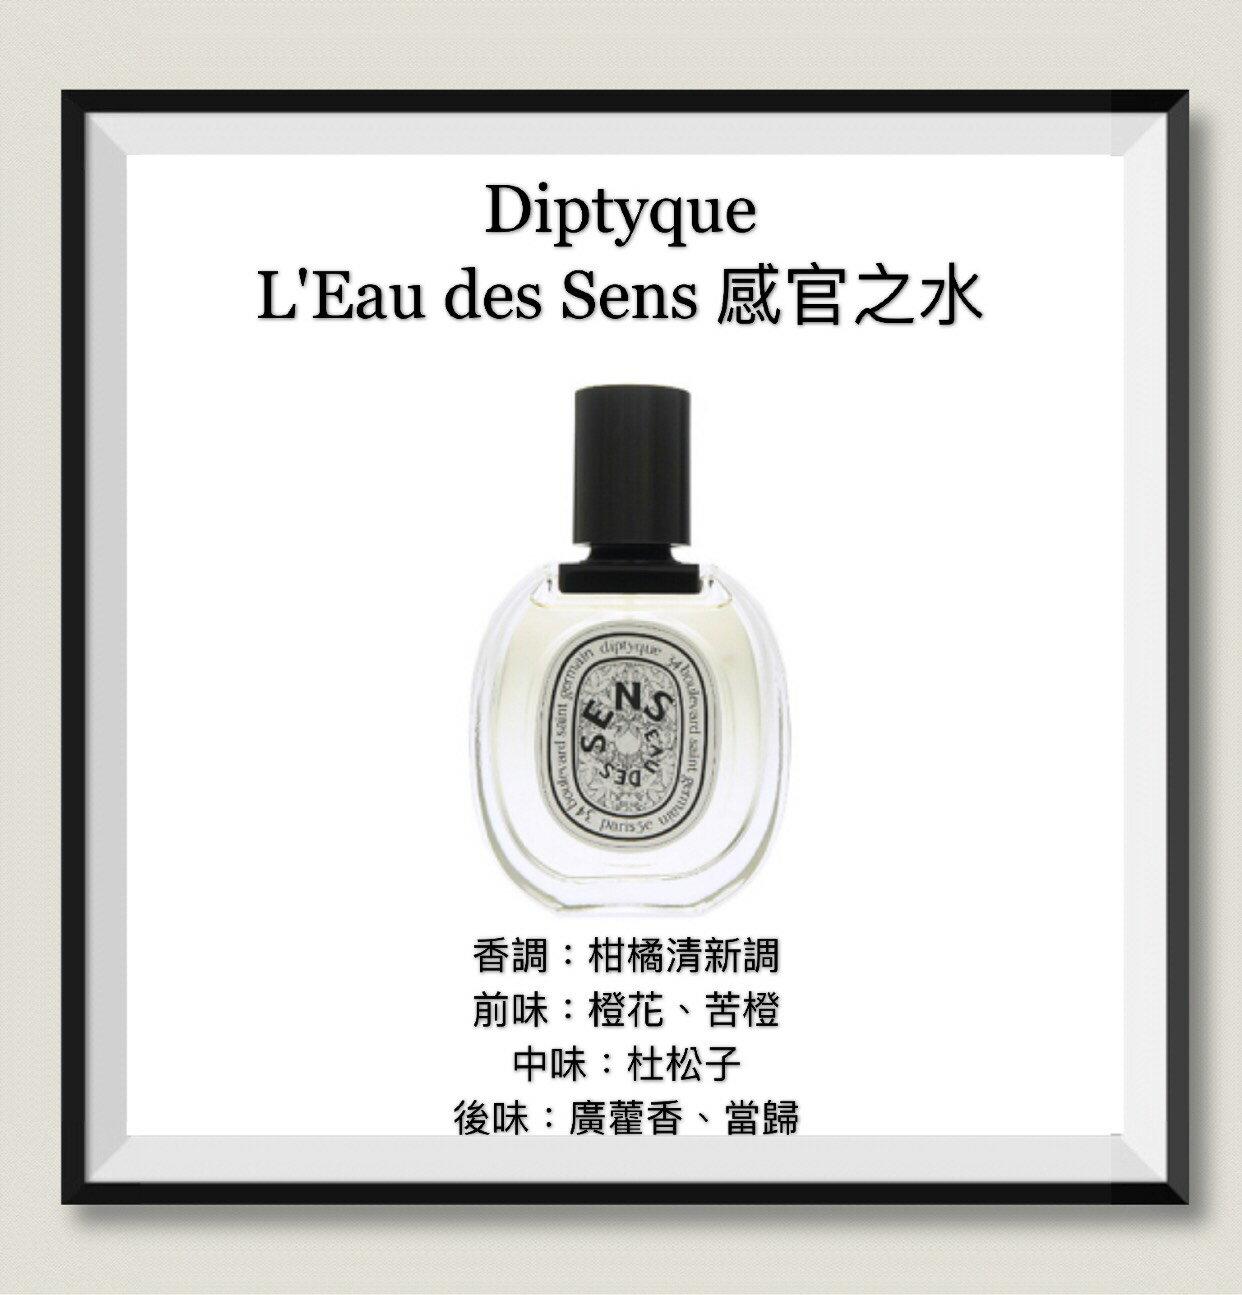 【香舍】Diptyque L'Eau des Sens 感官之水 中性淡香水 50ML/100ML